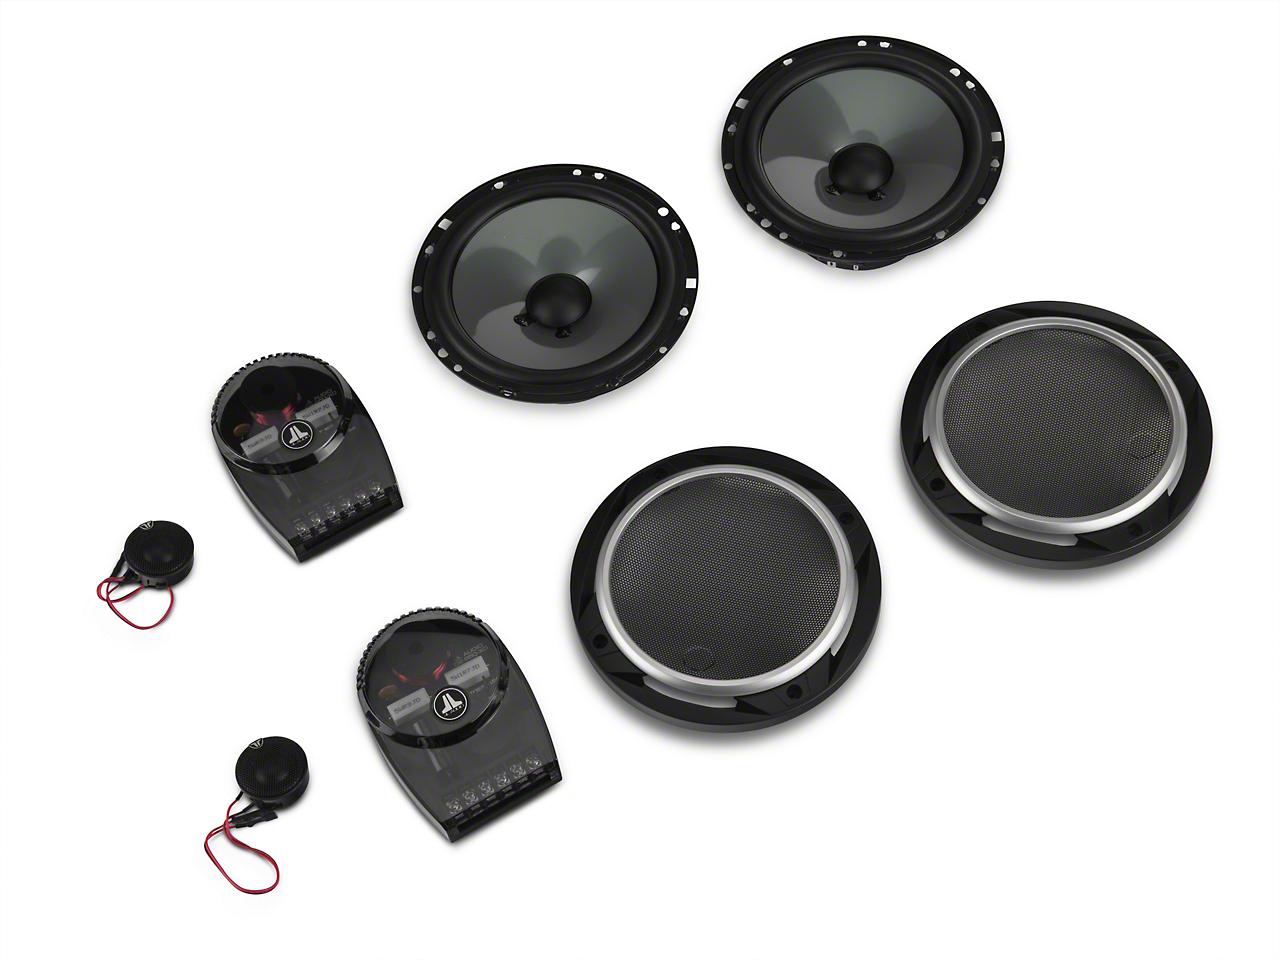 JL Audio 6.5 in. 2-Way Component Speaker System (87-17 Wrangler YJ, TJ & JK)